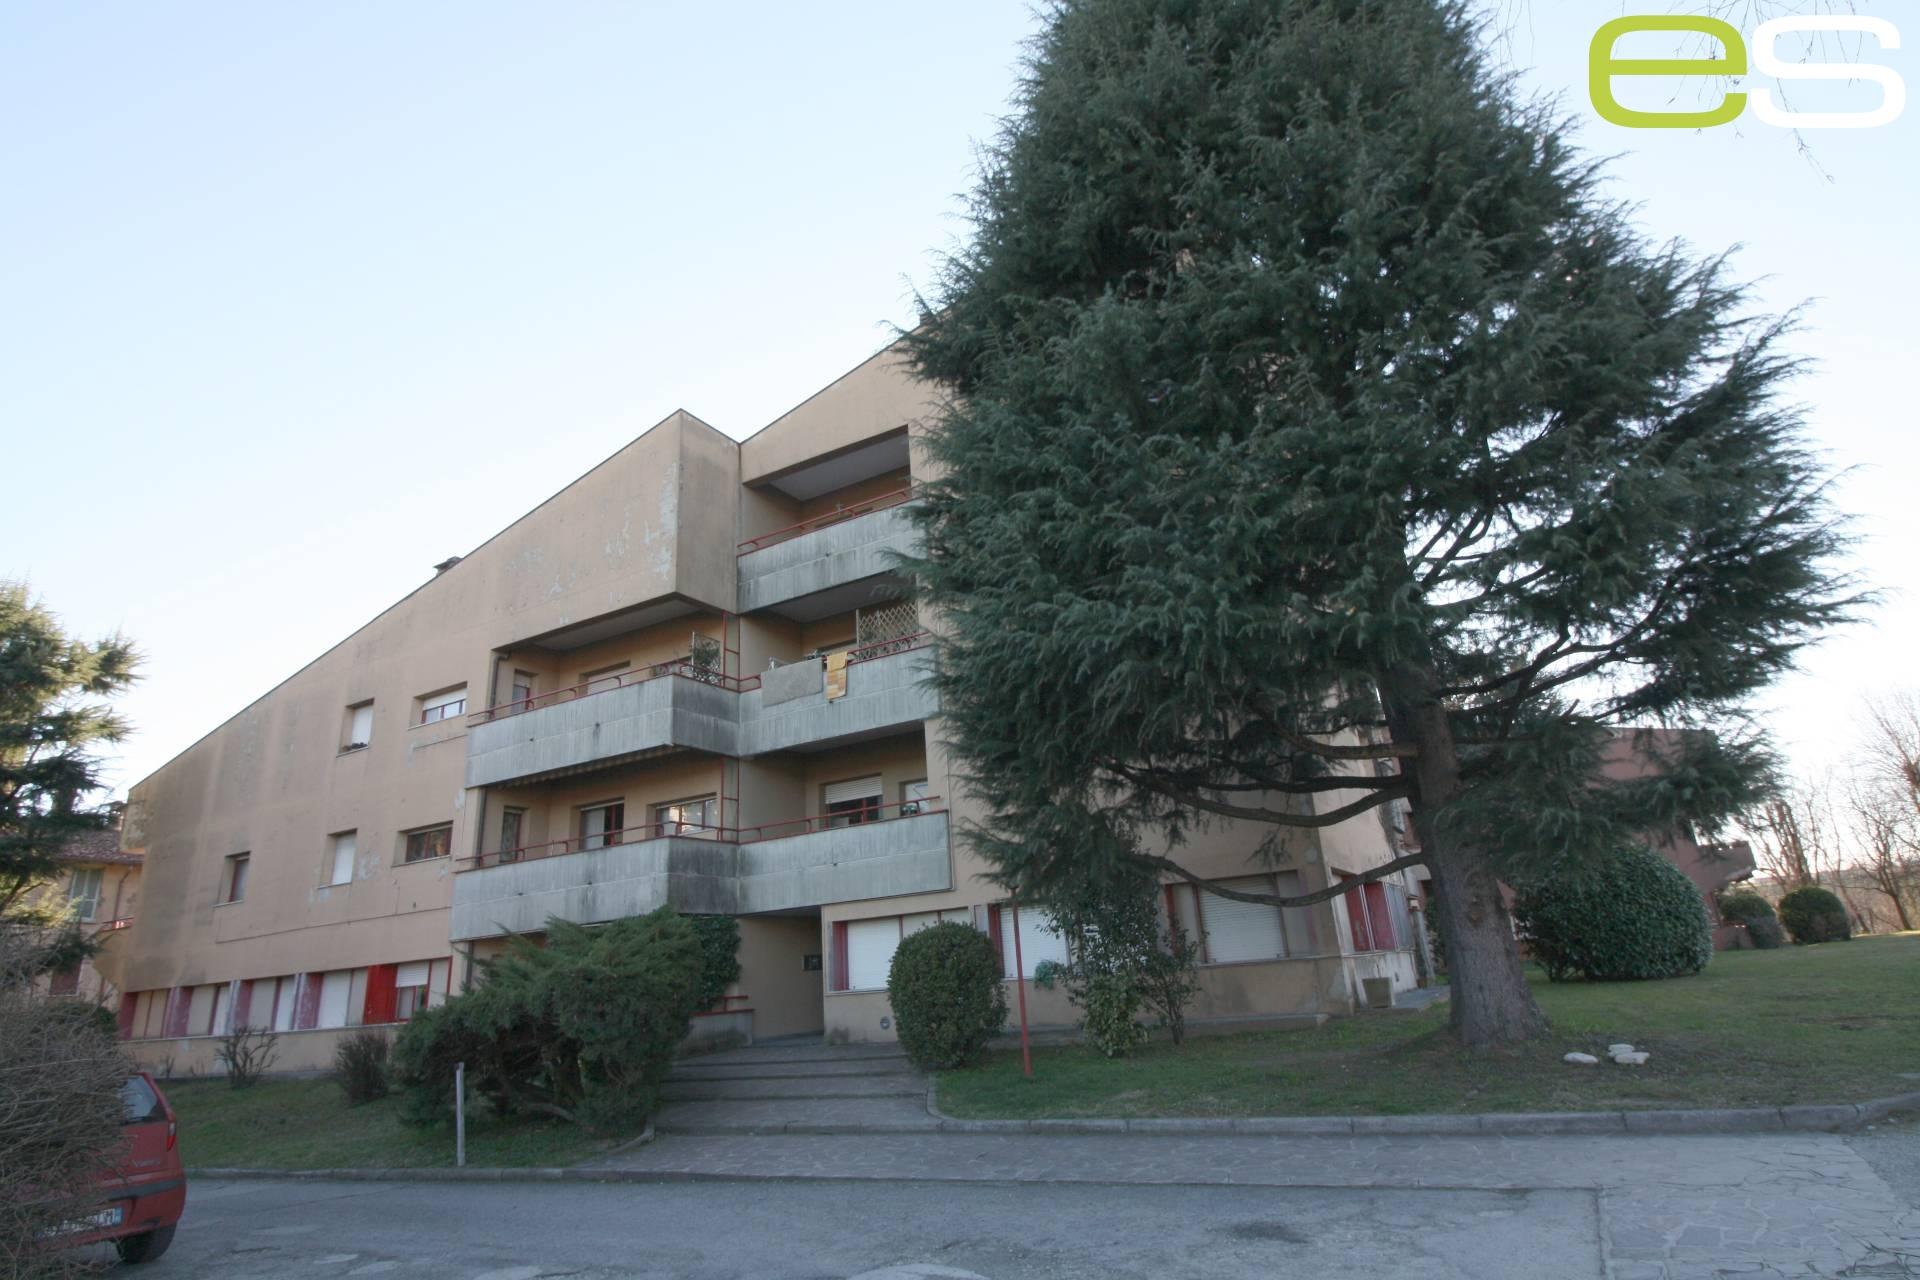 Appartamento in vendita a Briosco, 1 locali, prezzo € 84.000 | CambioCasa.it